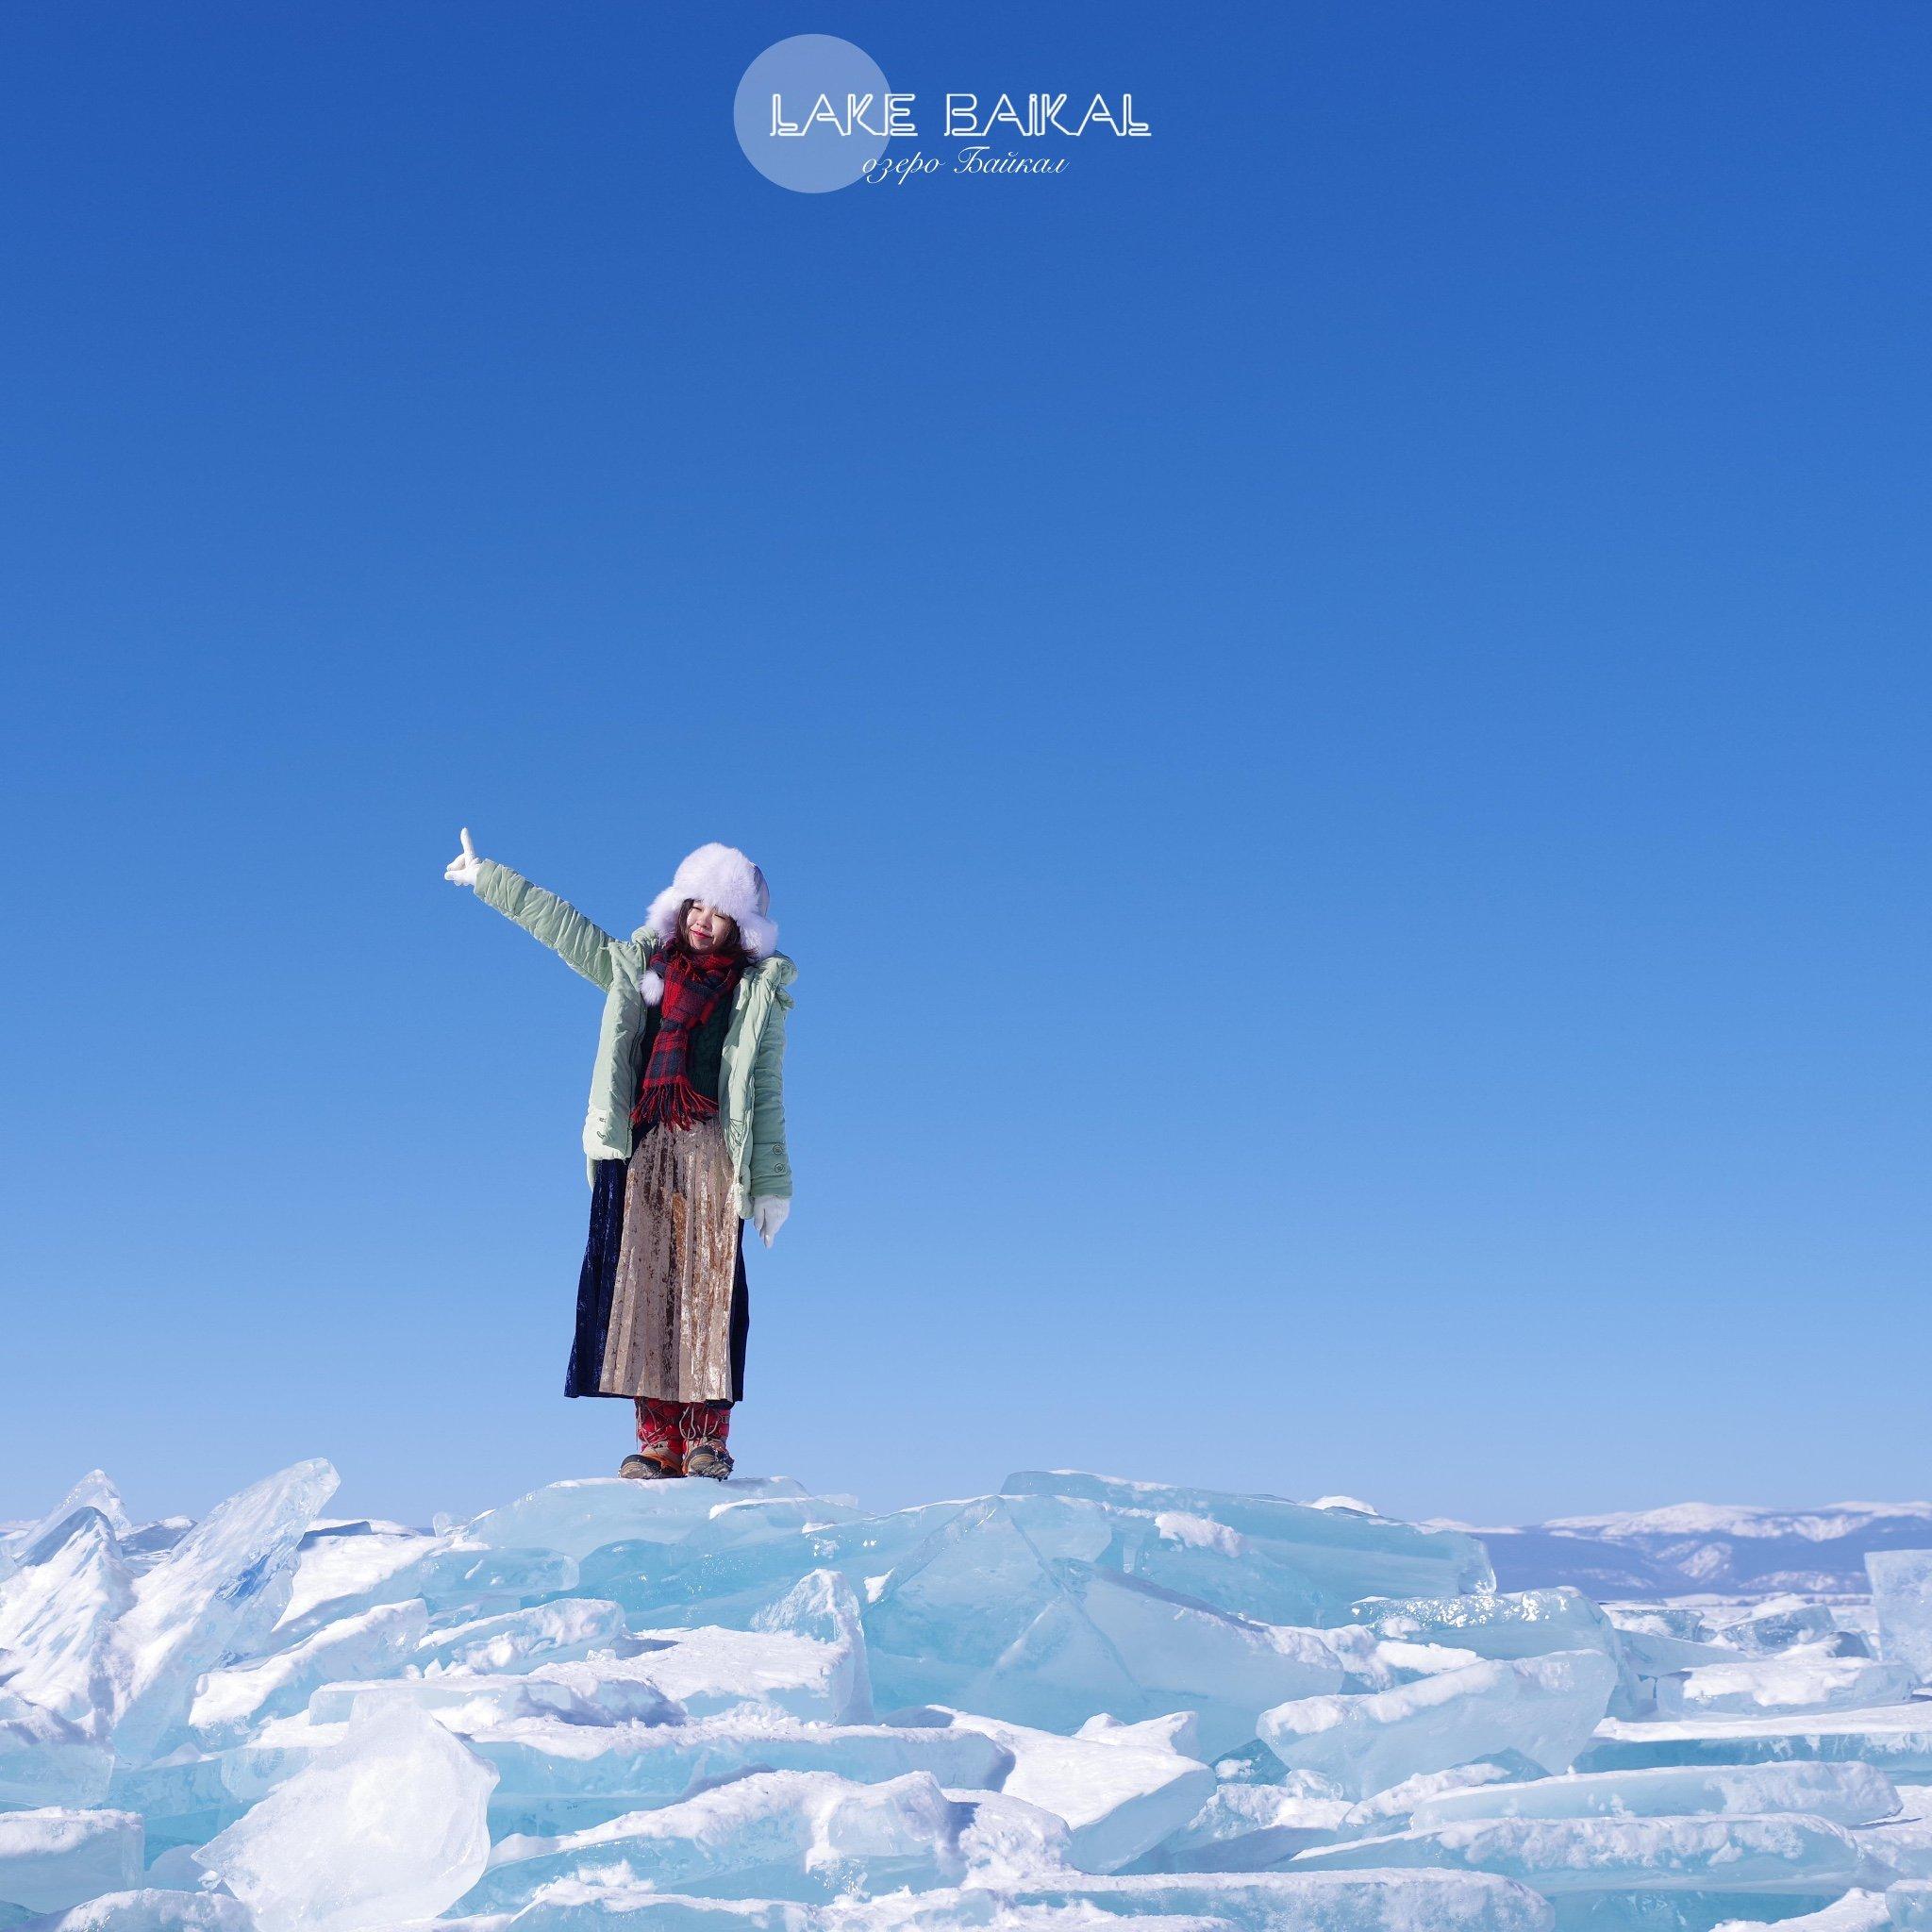 【贝加尔湖】北风轻拂我脸庞,日月星辰不如你(蓝冰自由行)